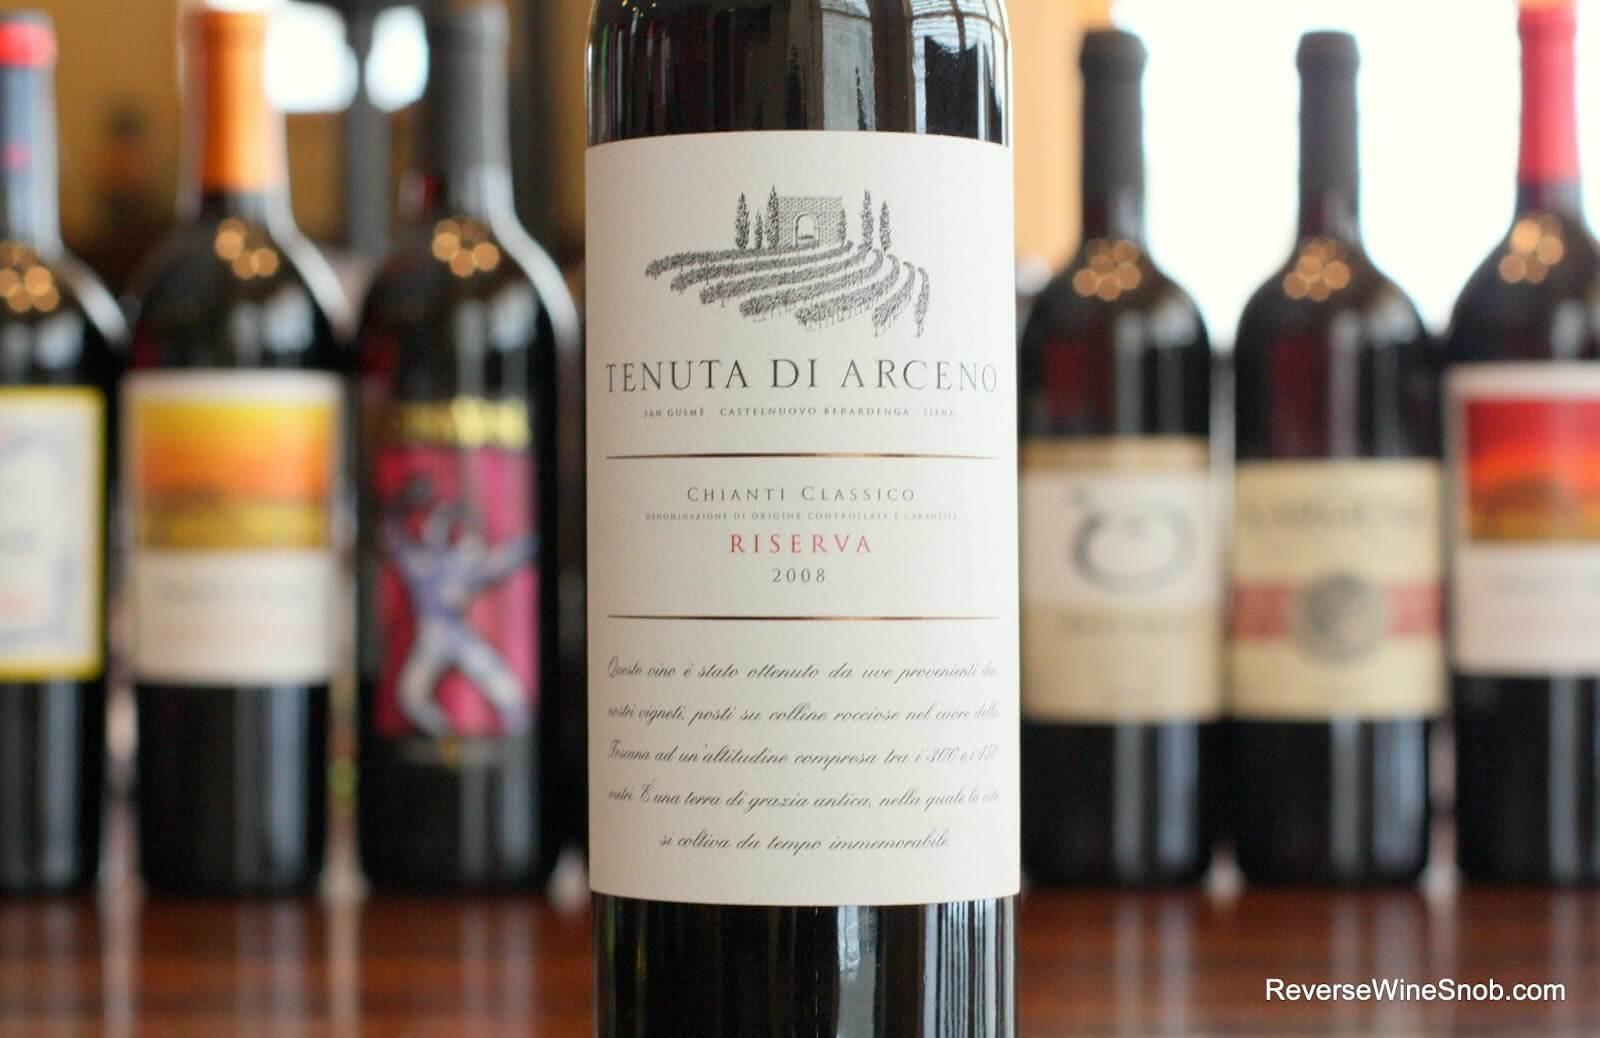 2008-Tenuta-di-Arceno-Chianti-Classico-Riserva